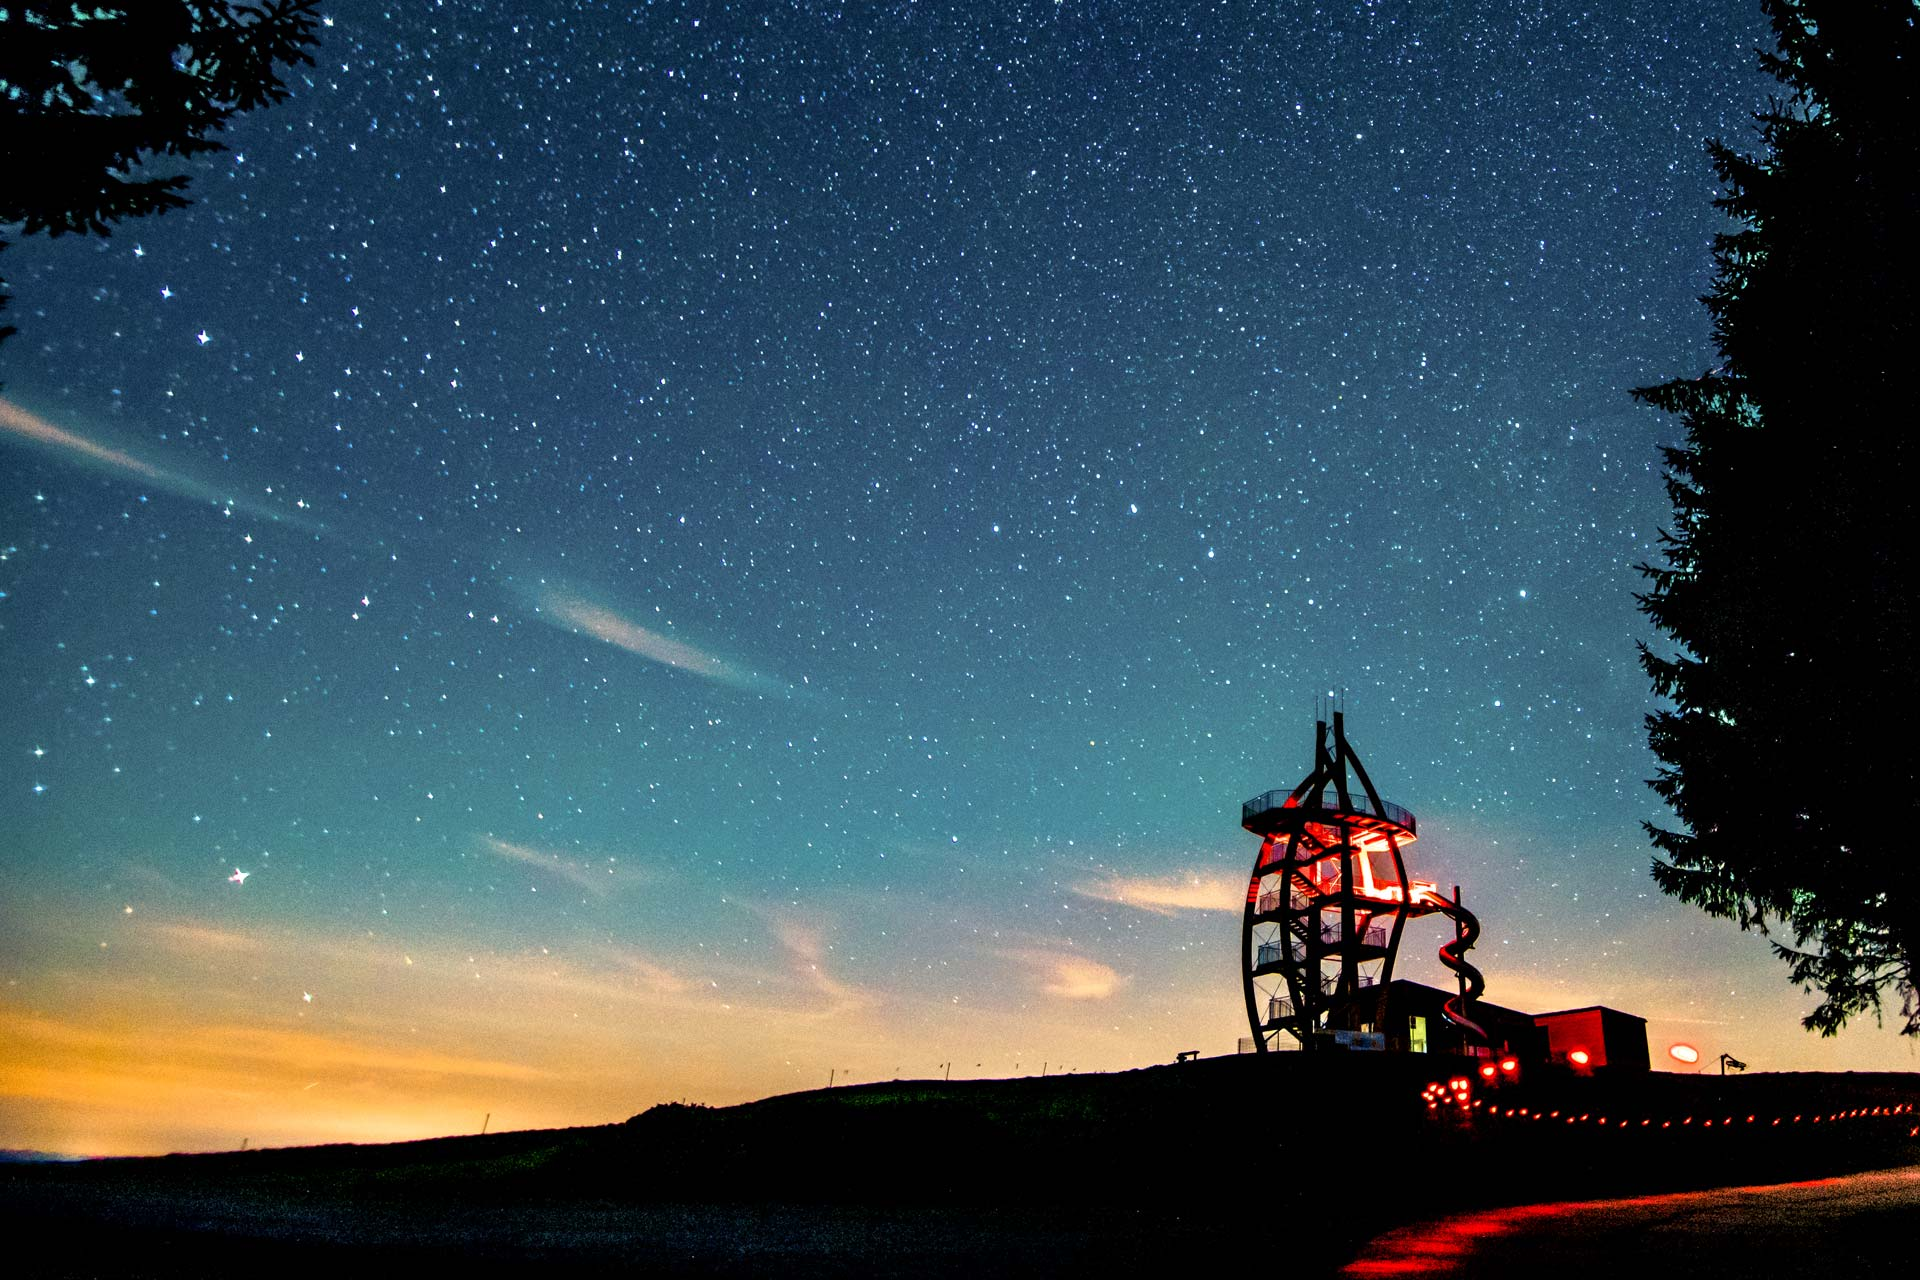 Nachtfotografie - Sternenhimmel und Gebäude